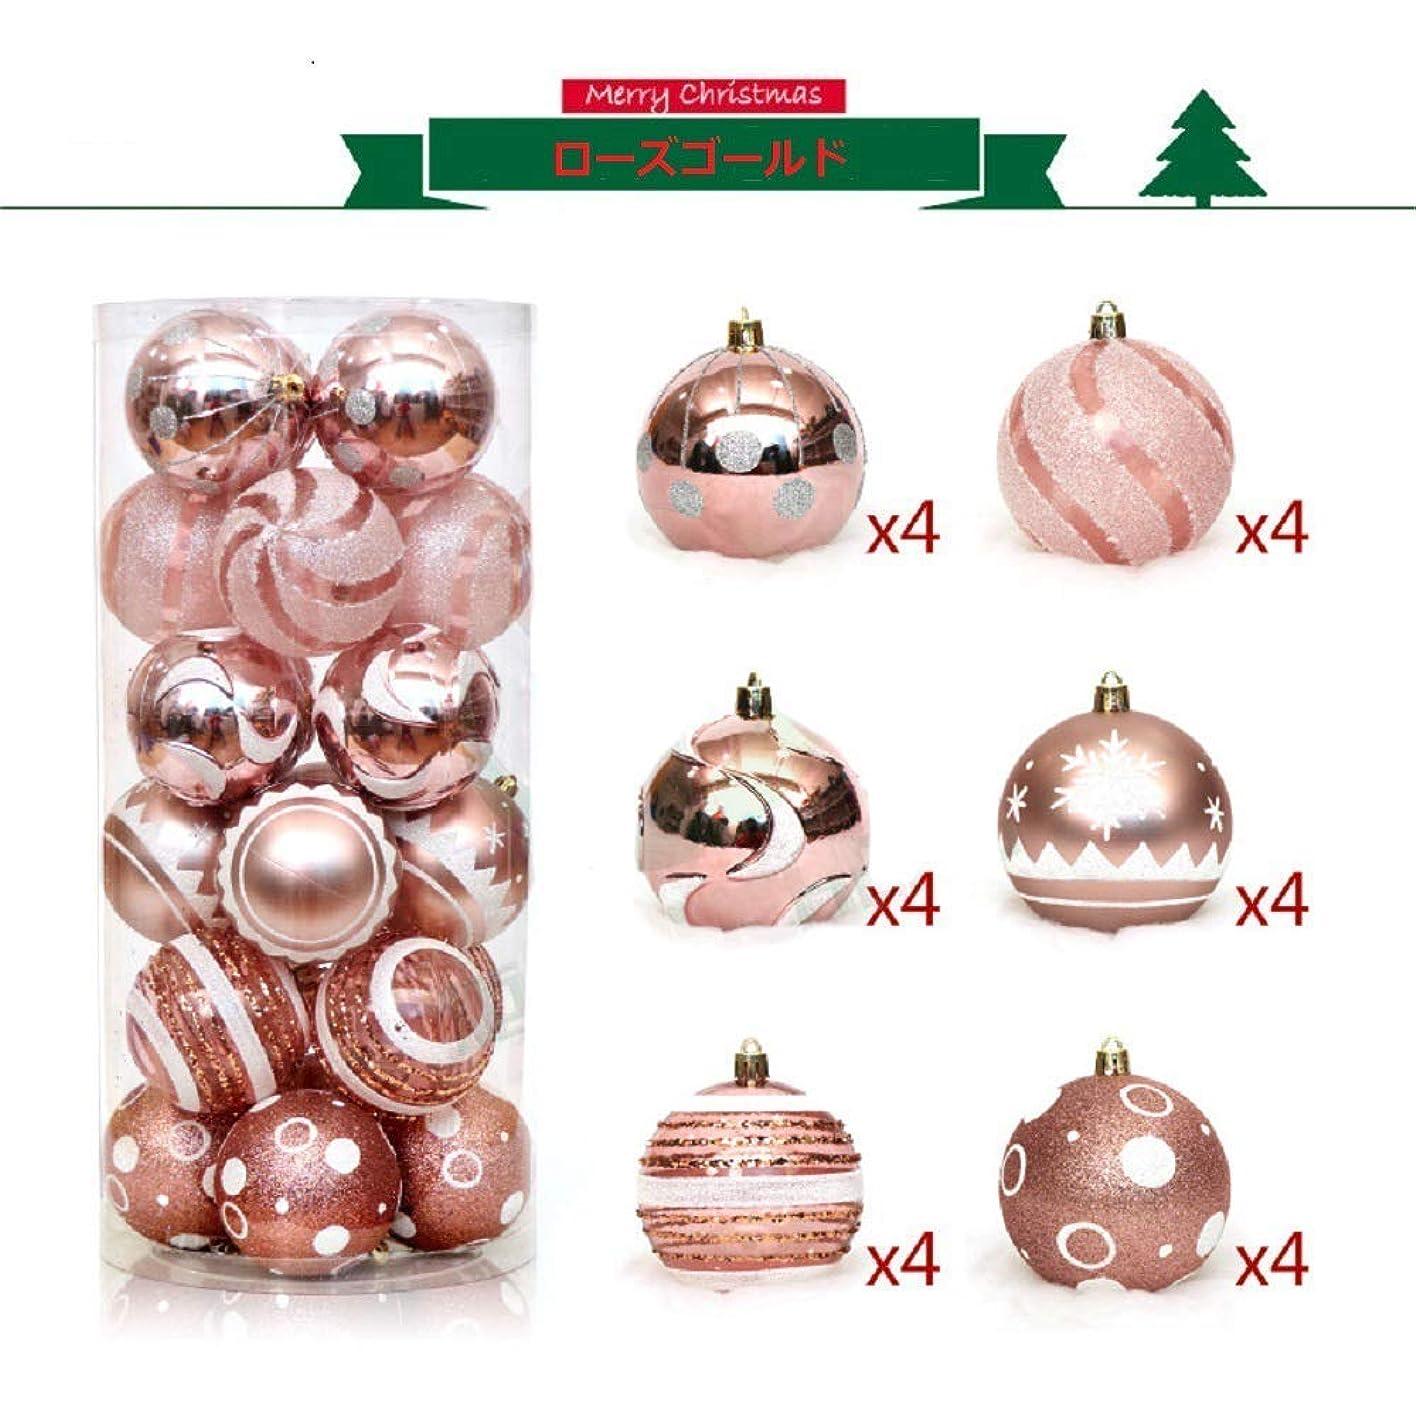 意識プール恩赦クリスマスボール オーナメント ロマンティック クリスマスツリー 飾り クリスマス飾り デコレーションボール 北欧 おしゃれ飾り 可愛い 華やか 雑貨 ローズゴールド (ローズゴールド)